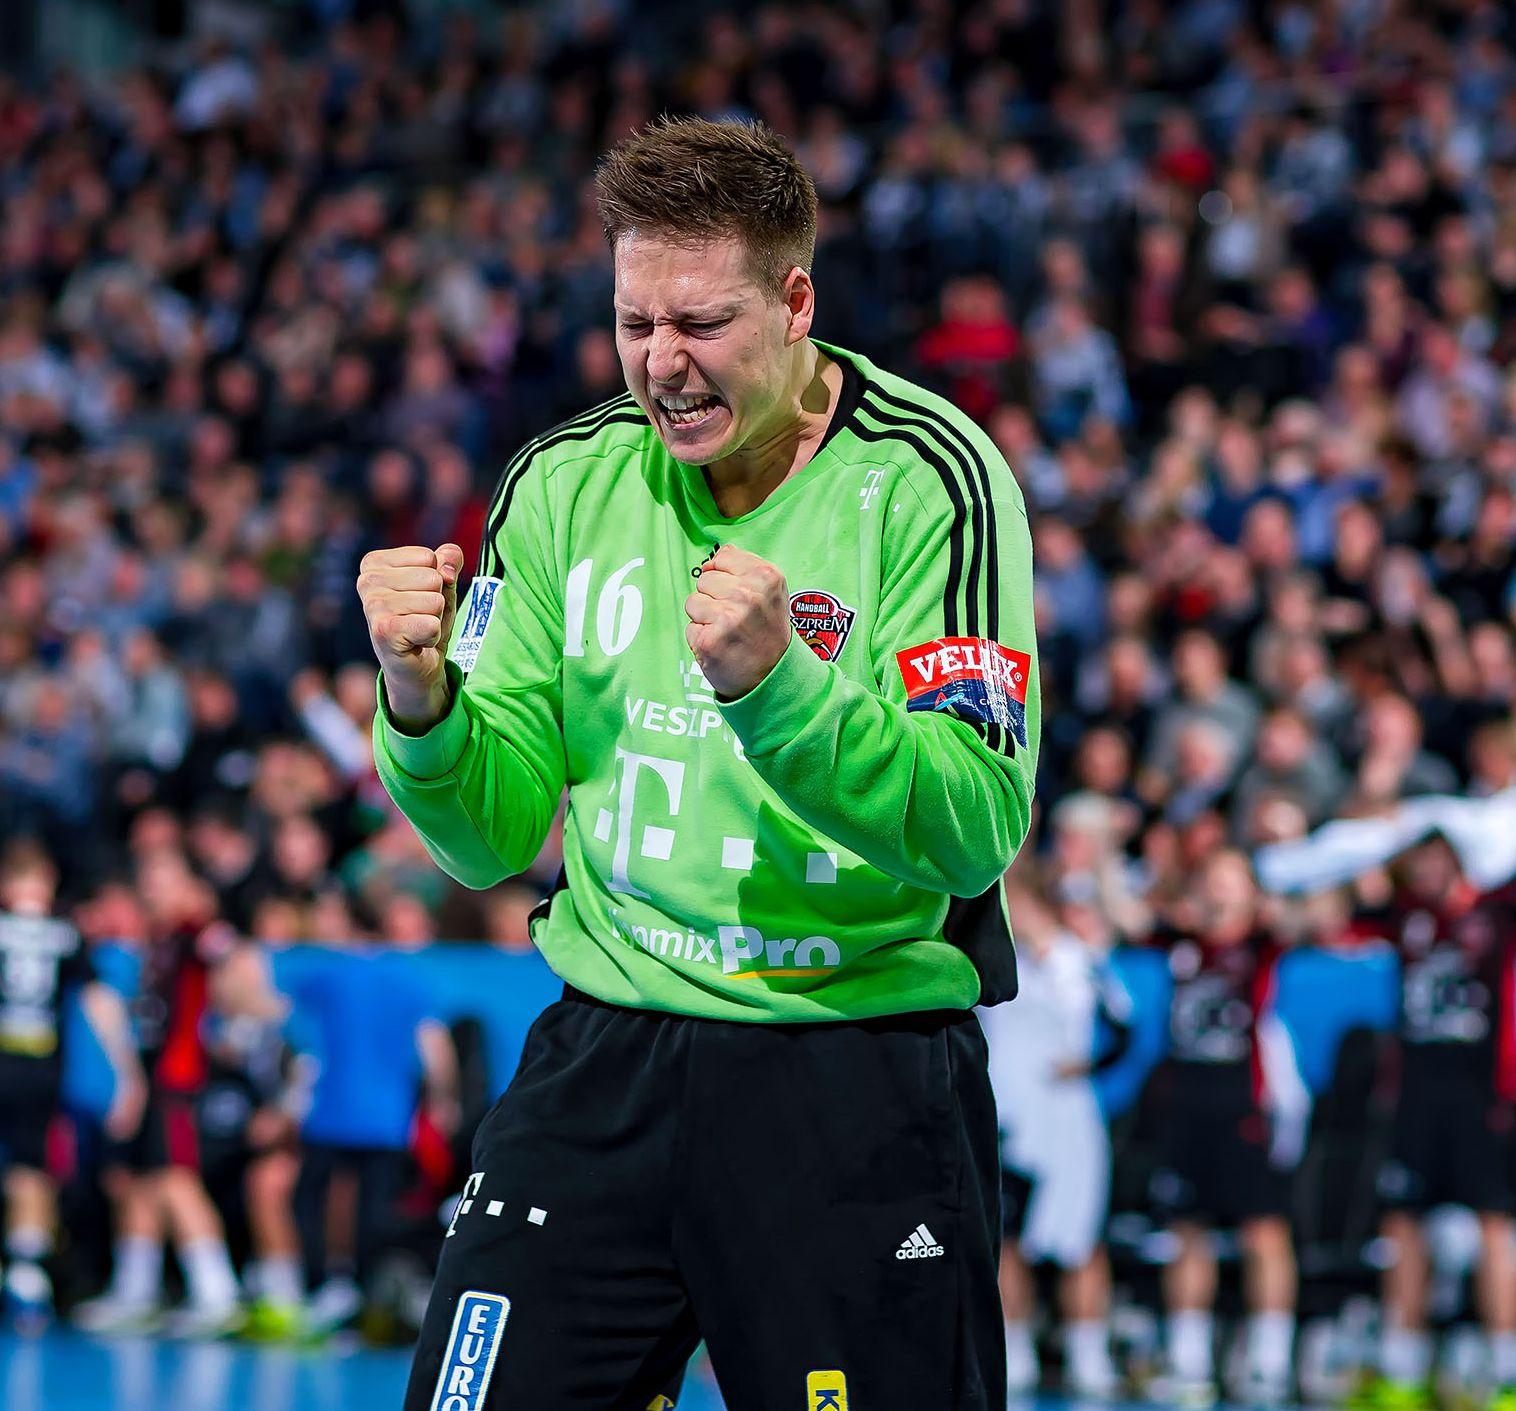 Veszprém secure first ever win in Kiel